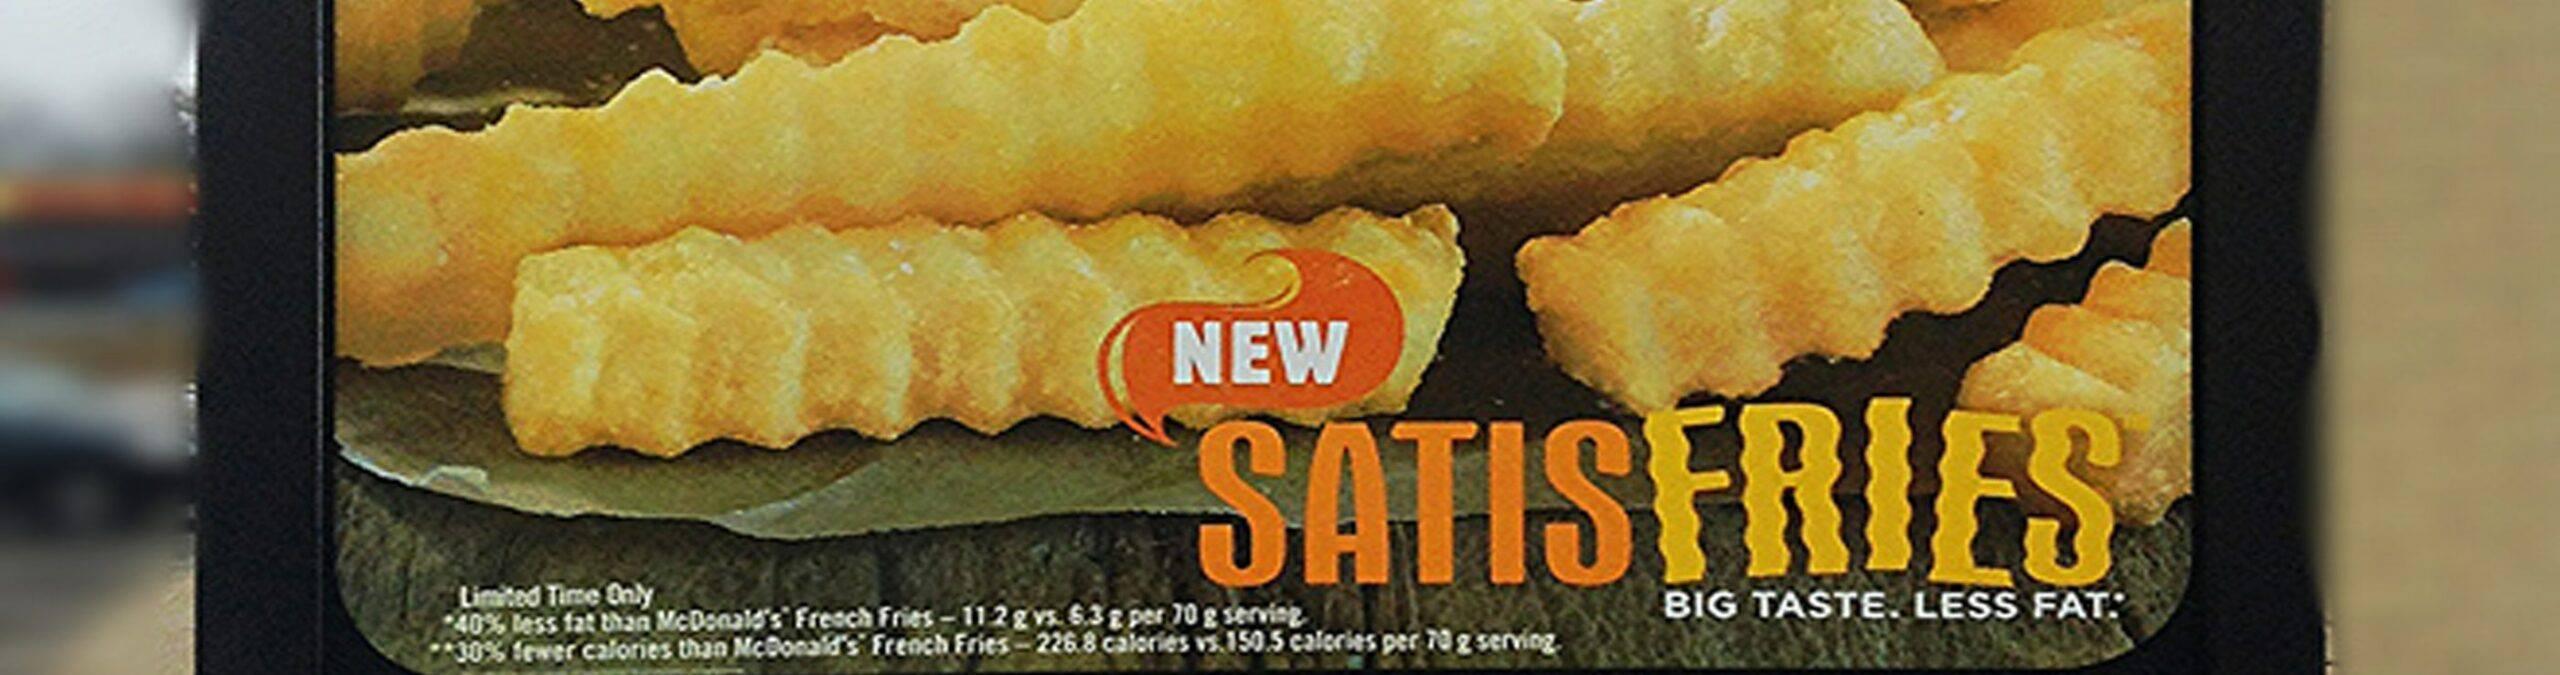 Burger King's Satisfries